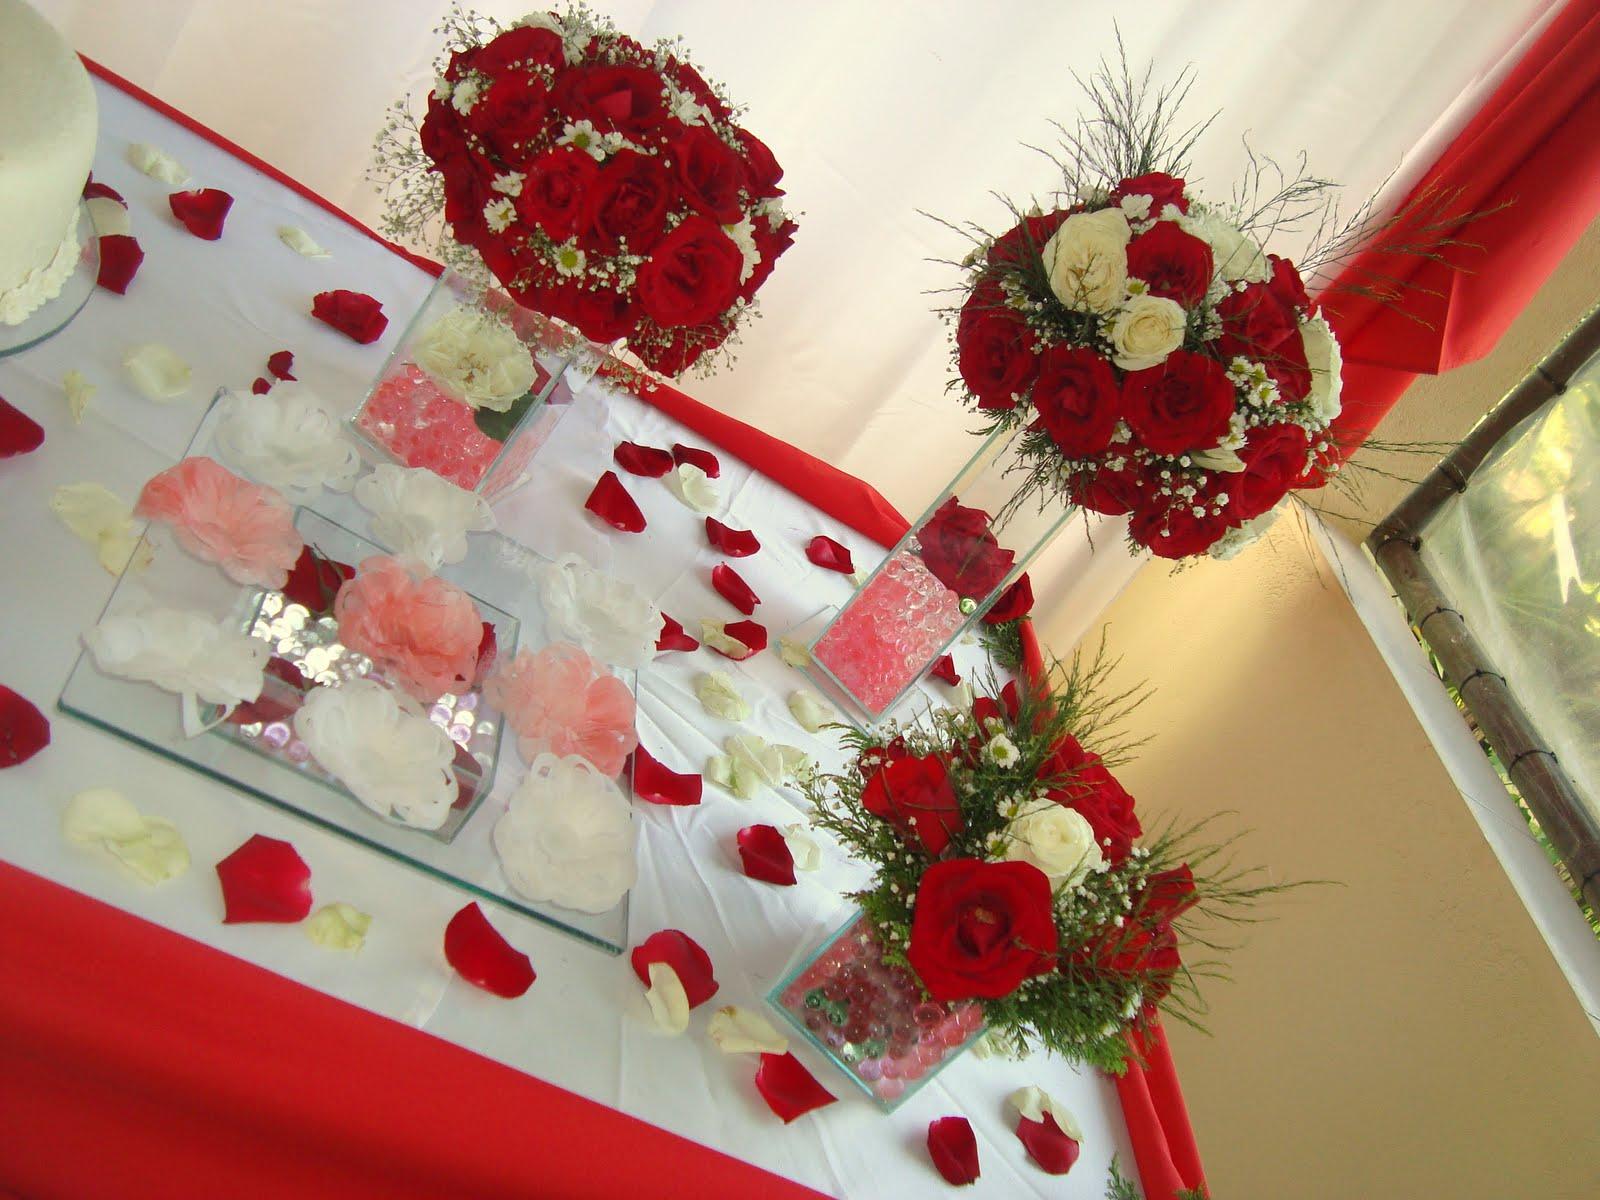 De Decoracoes Para Casamento E Na Mesma Proporcao As Opcoes De Preco